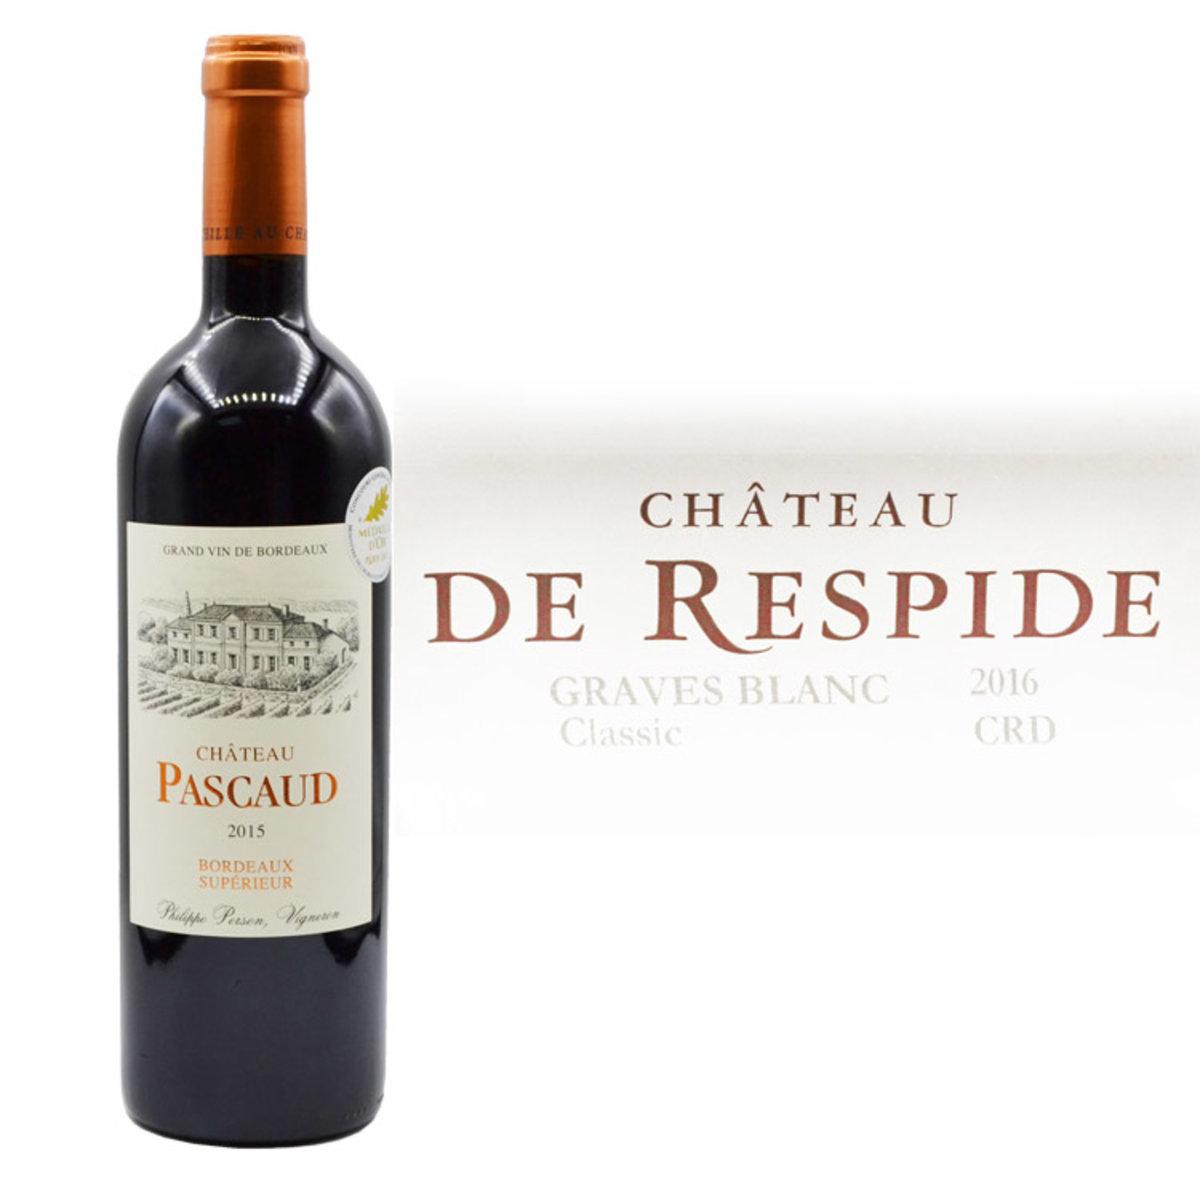 Chateau Pascaud 2015 Bordeaux Superieur